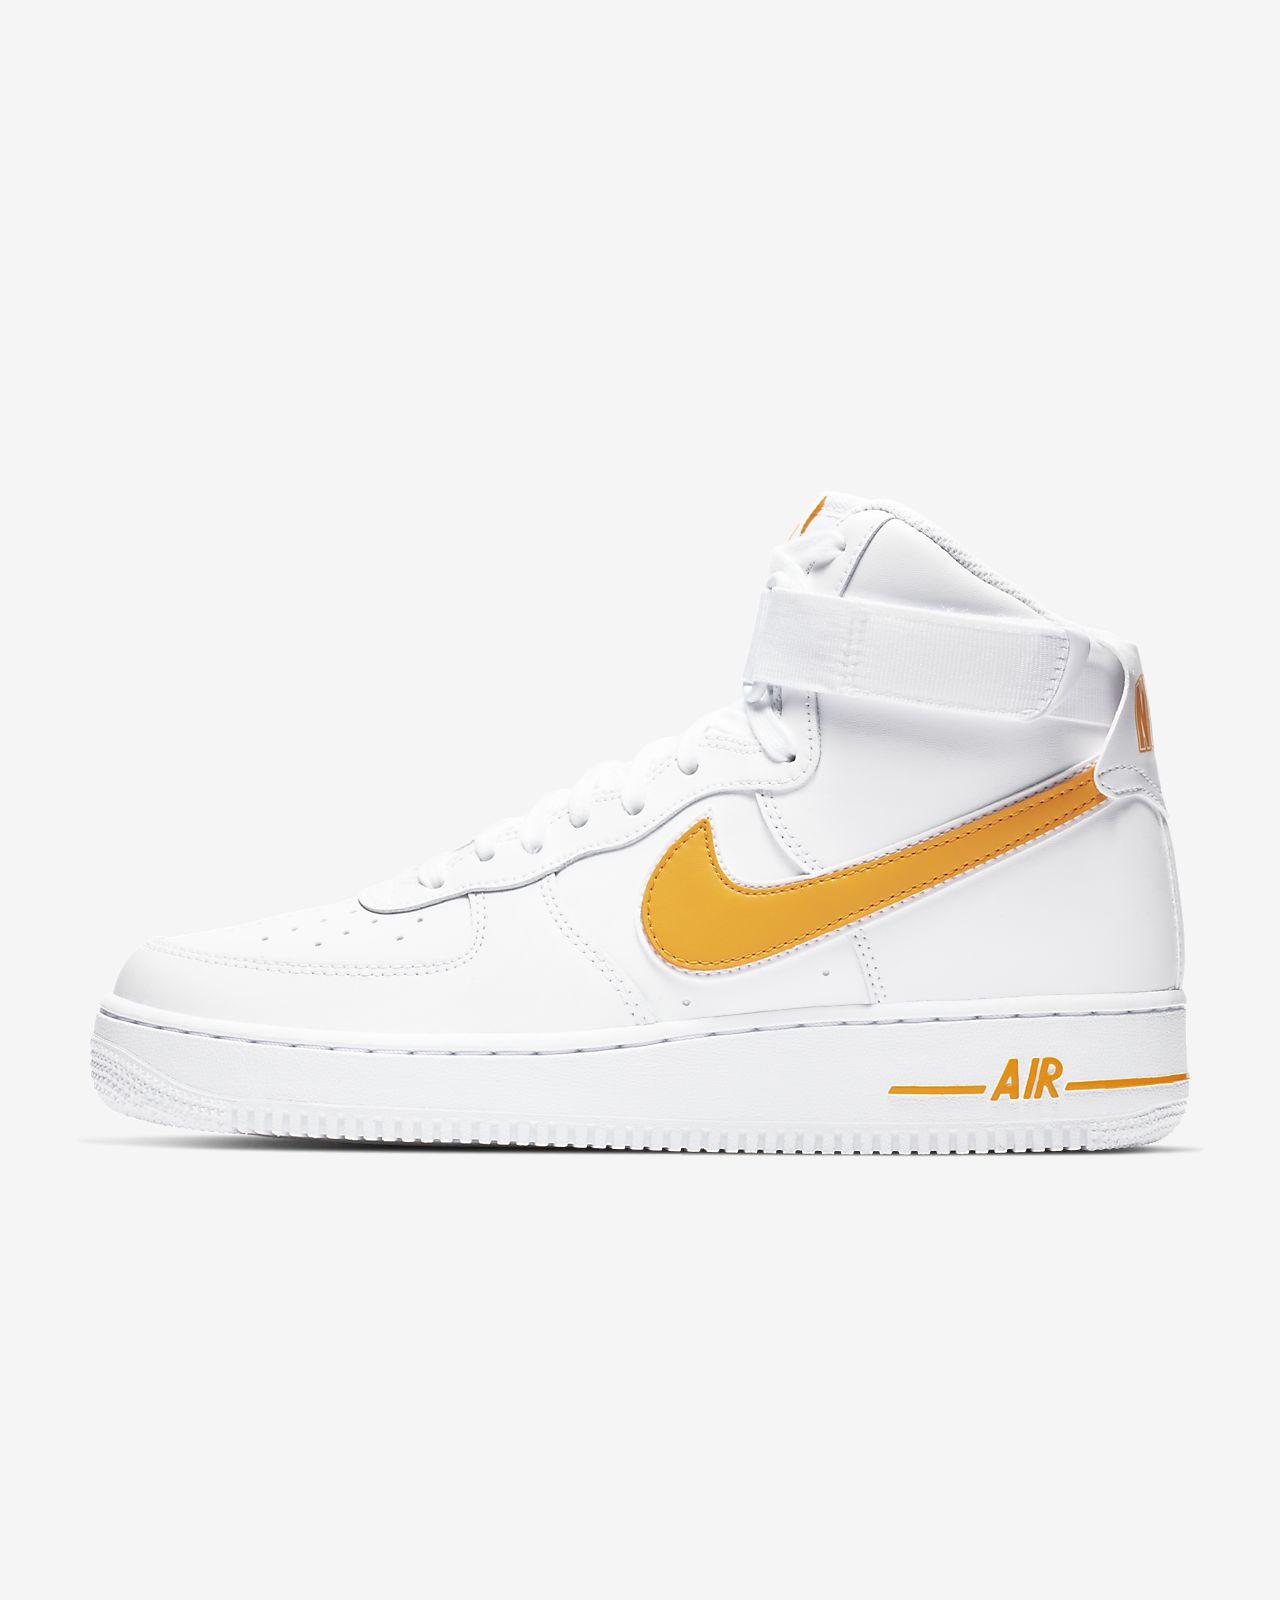 Sko Nike Air Force 1 High '07 3 för män